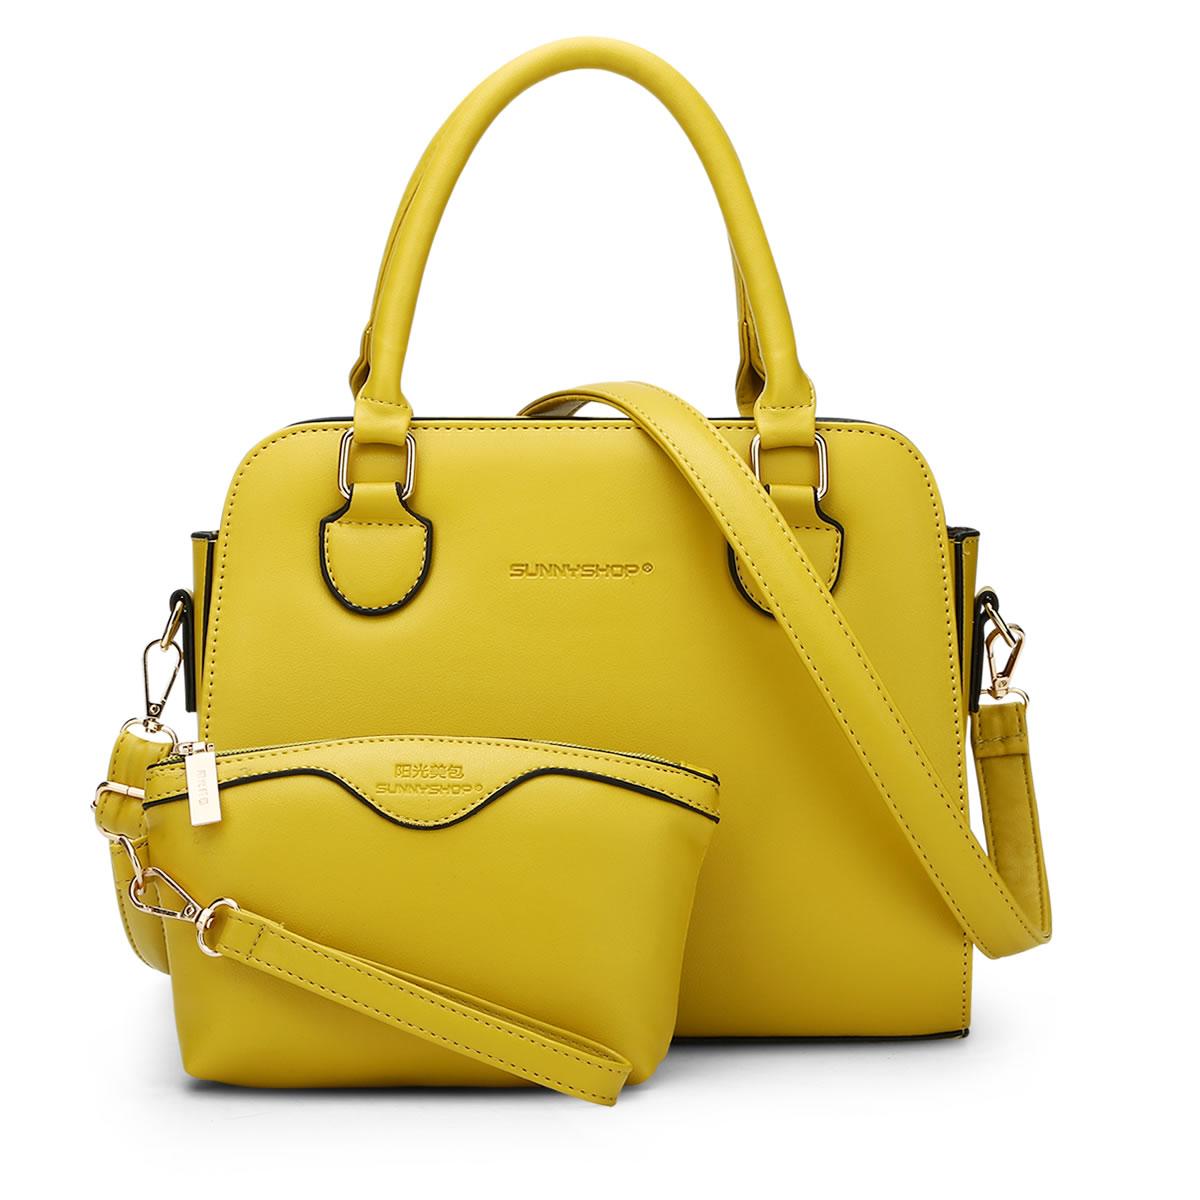 Creative Polo Handbag -Handbag Ideas